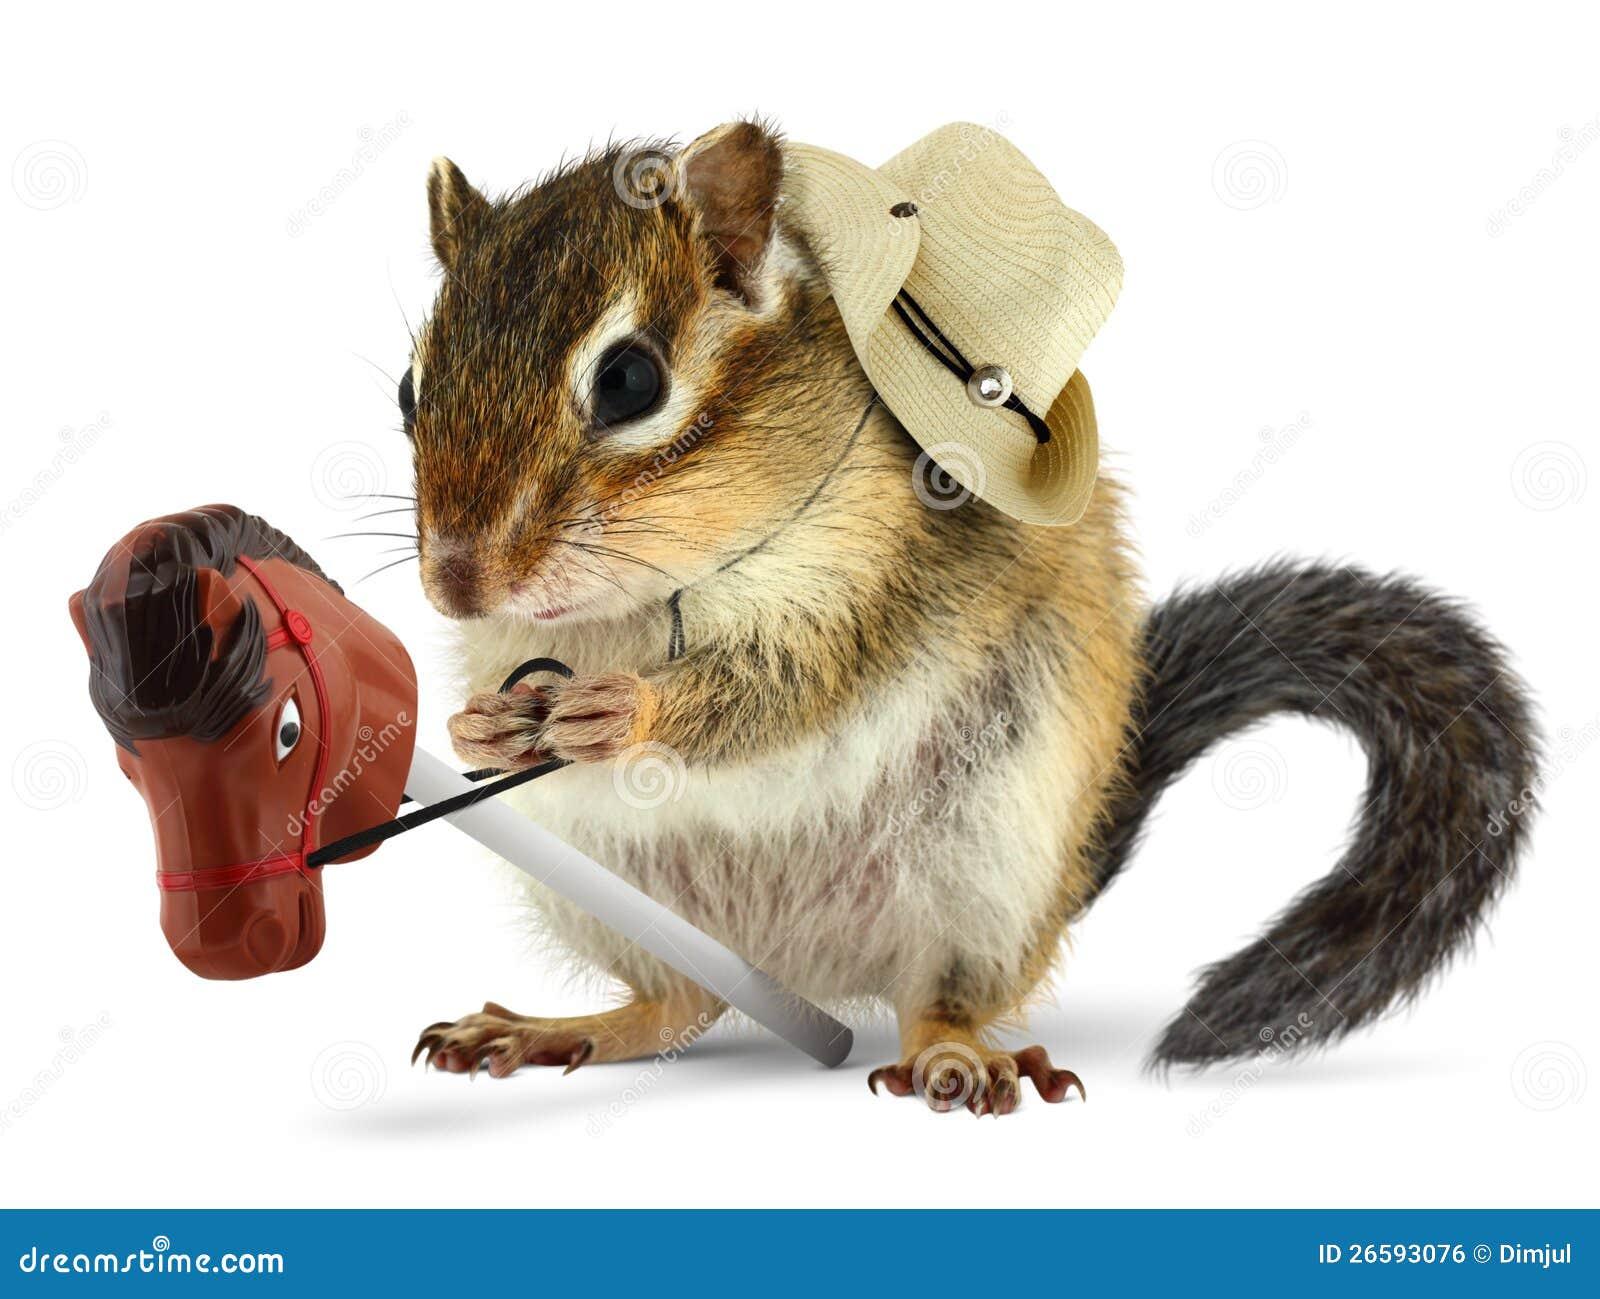 Funny chipmunk cowboy